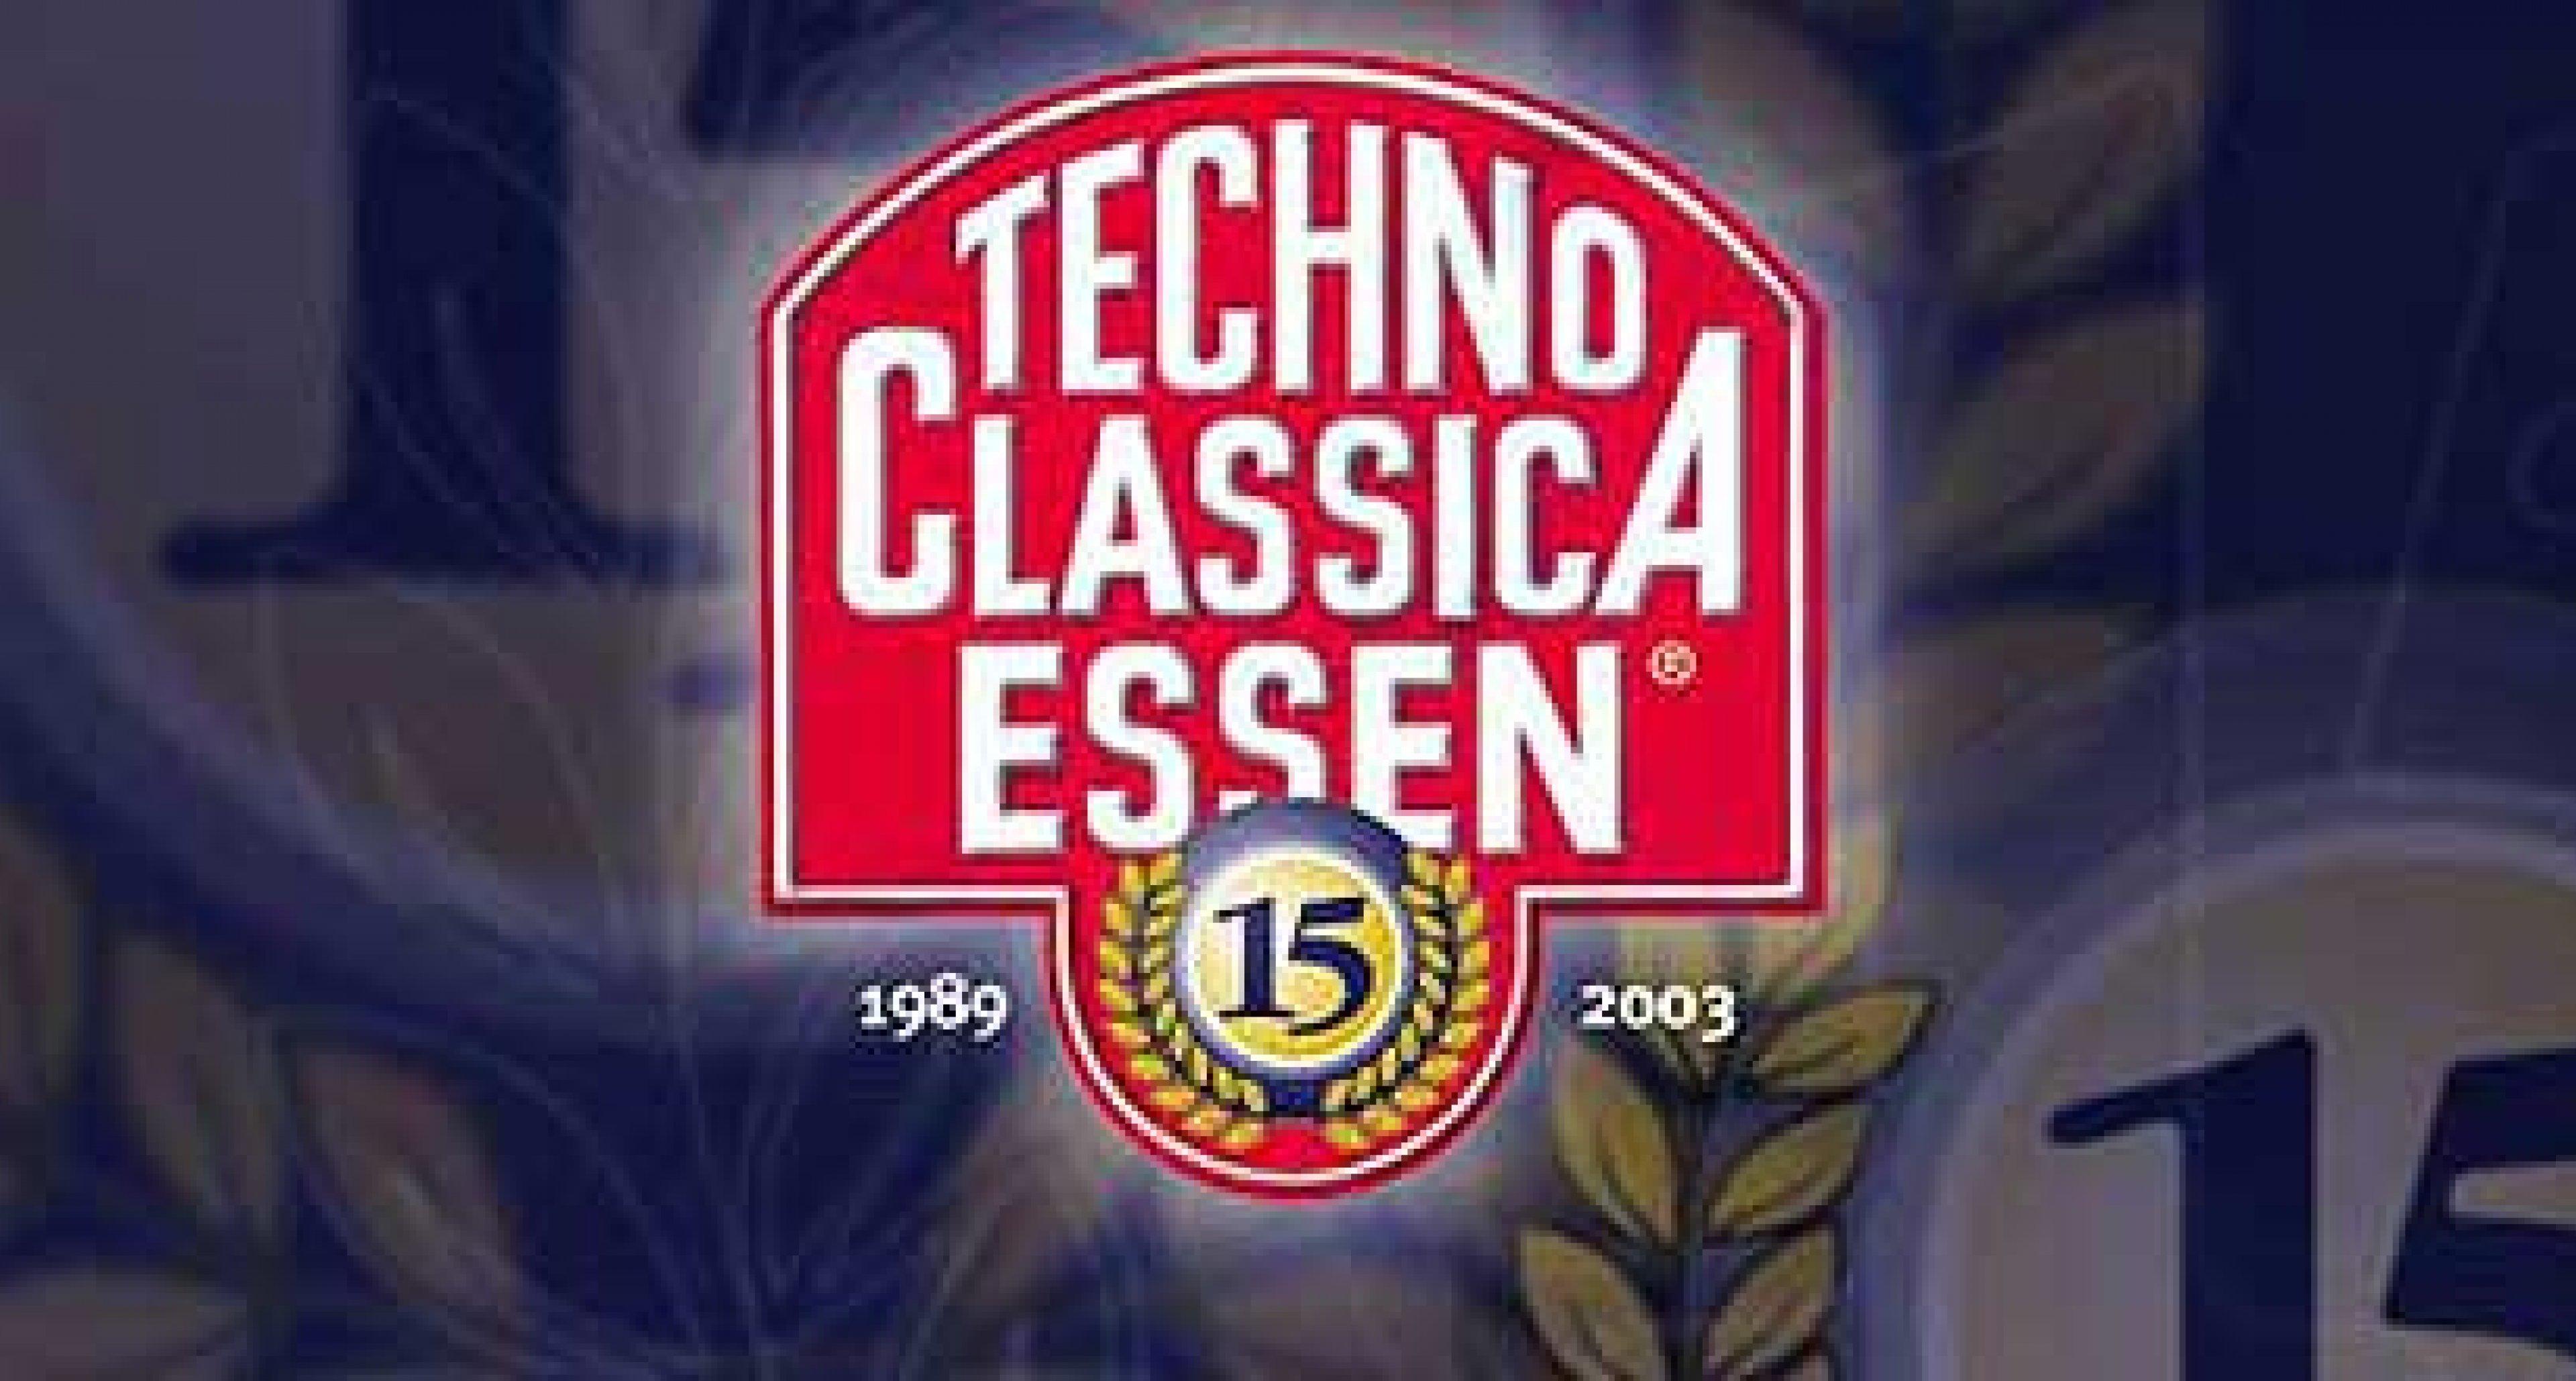 Essen Techno Classica 2003